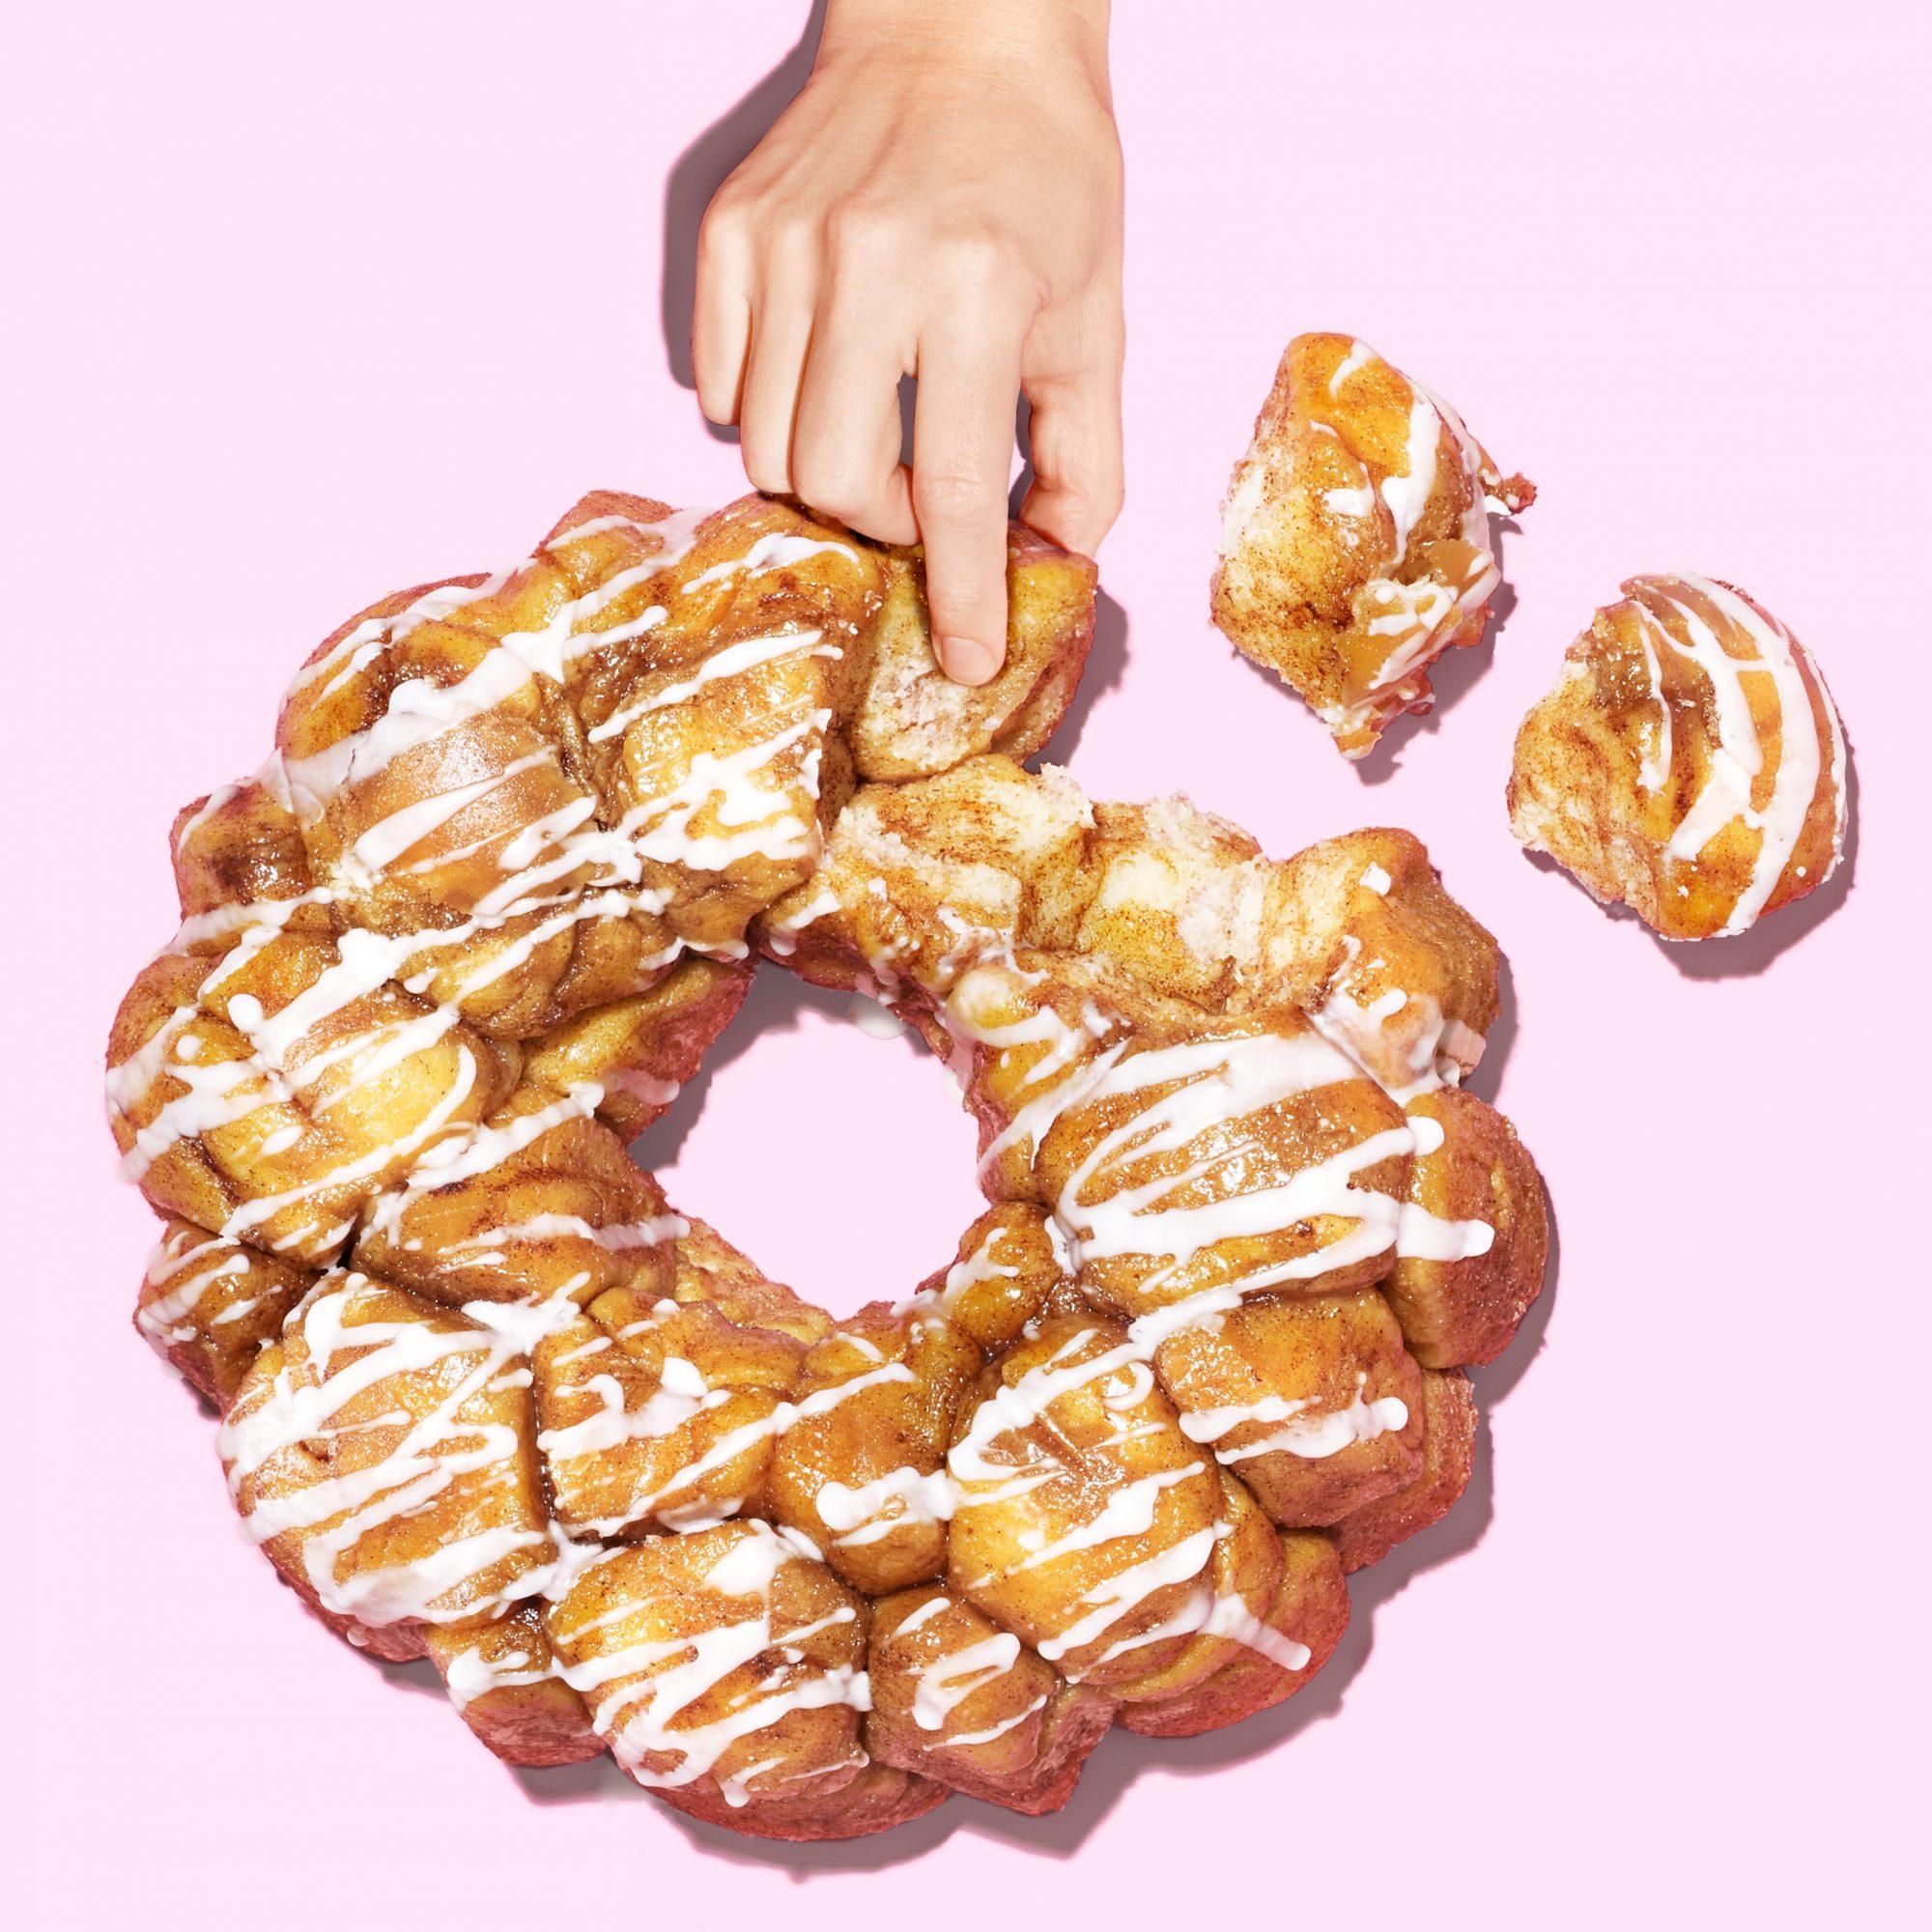 Cinnamon-Bun Fun Monkey Bread